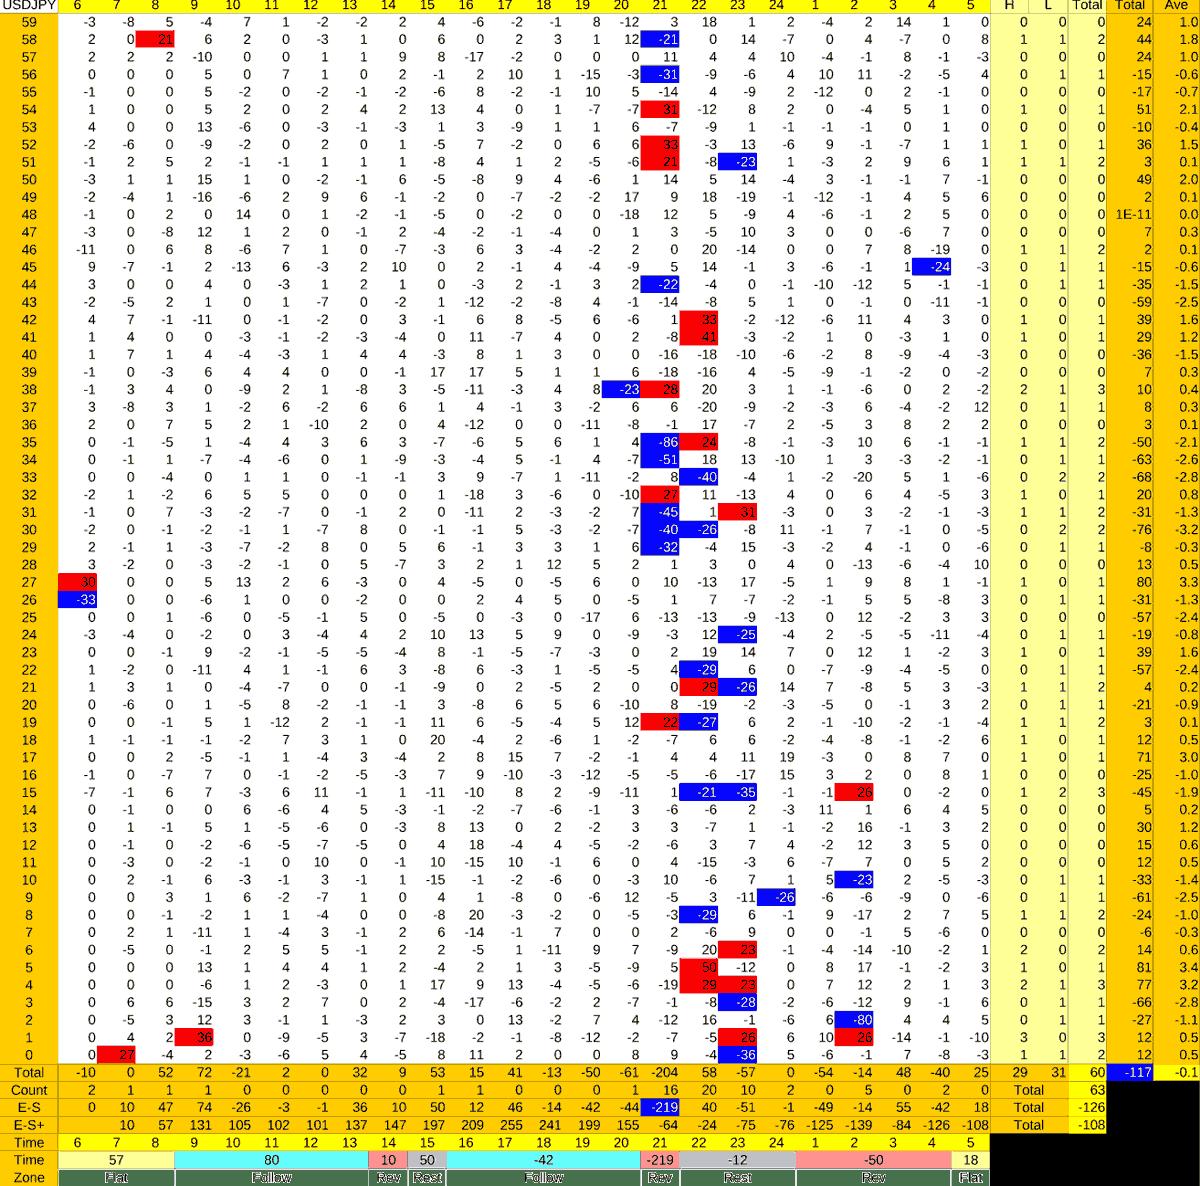 20210811_HS(1)USDJPY-min